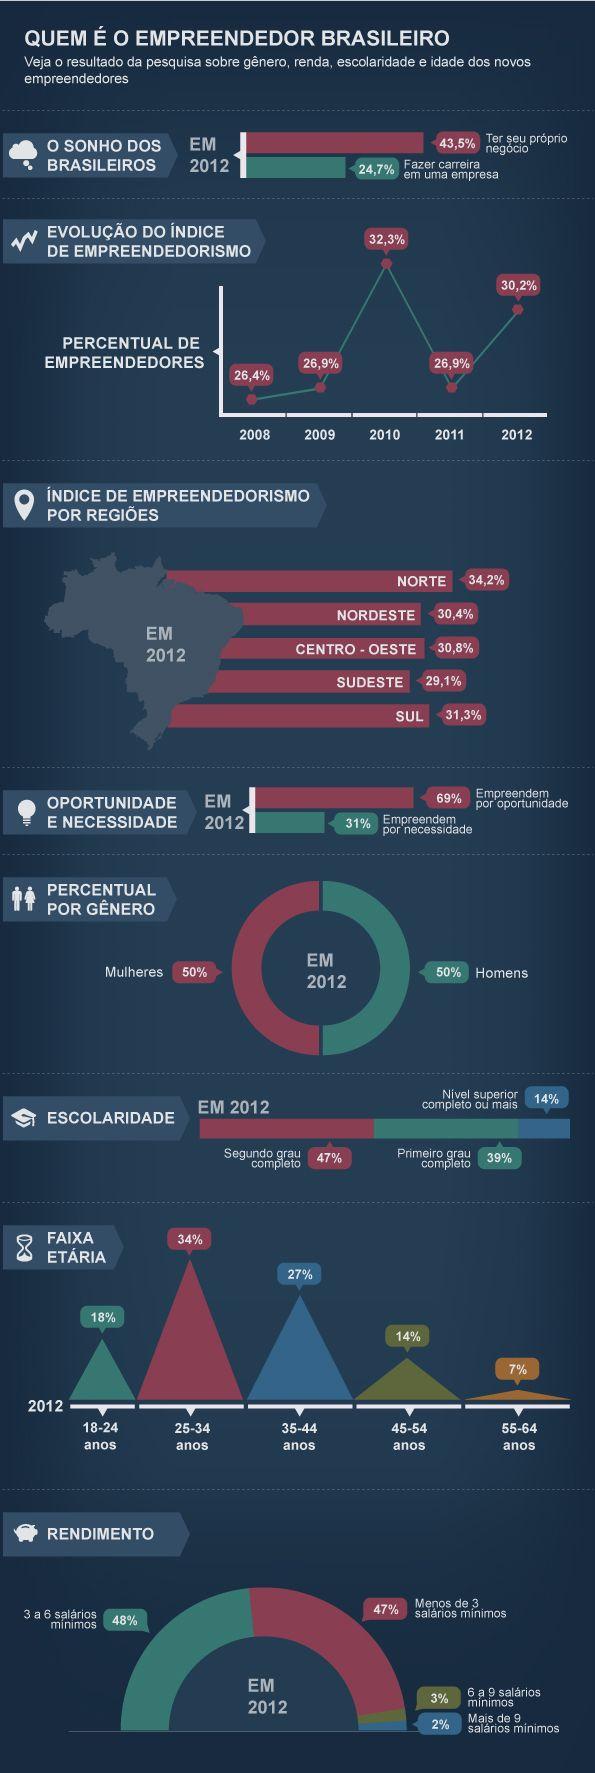 O perfil do empreendedor brasileiro  A pesquisa Global Entrepreneurship Monitor 2012 (GEM) mostrou que quase 44% dos brasileiros sonham em ter um negócio próprio